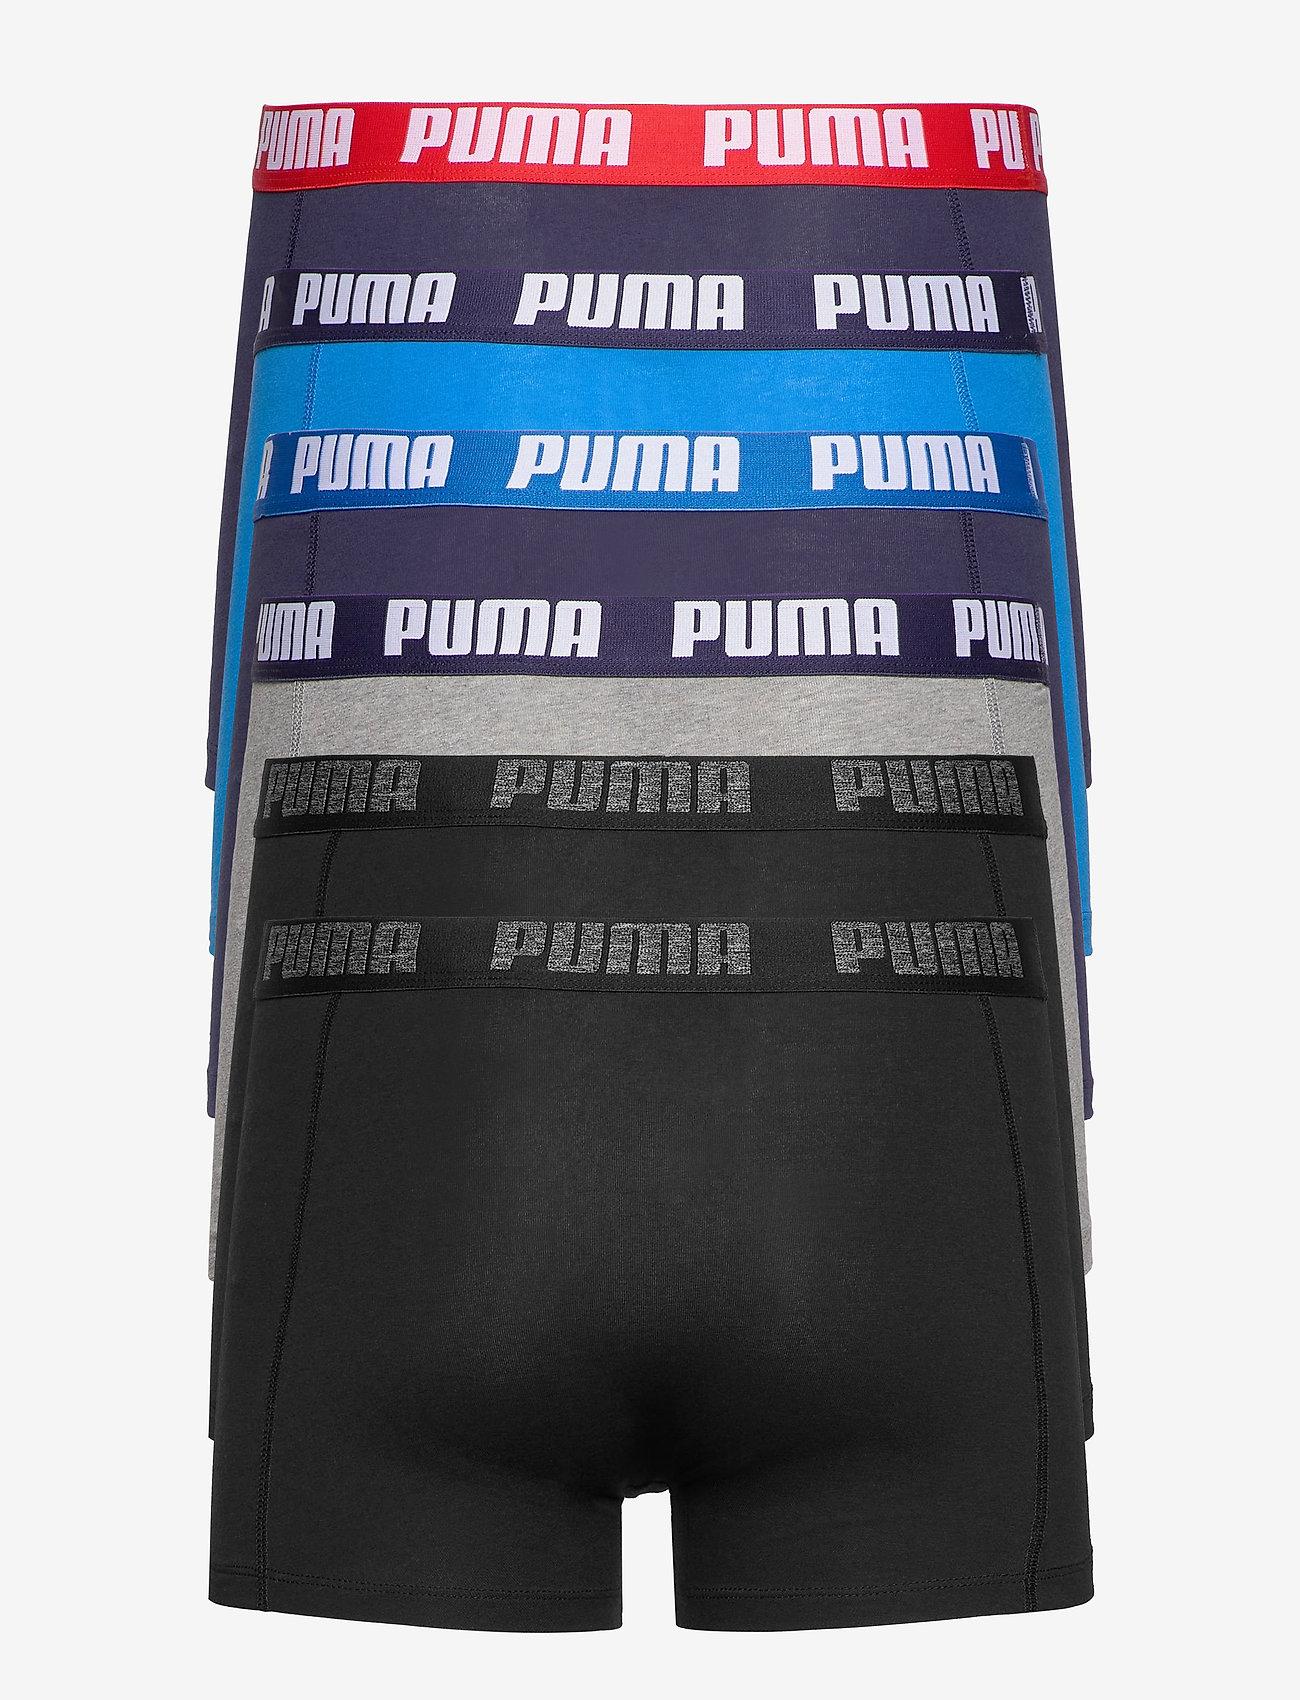 PUMA - PUMA BASIC BOXER 6P ECOM - boxerkalsonger - blue / black - 1